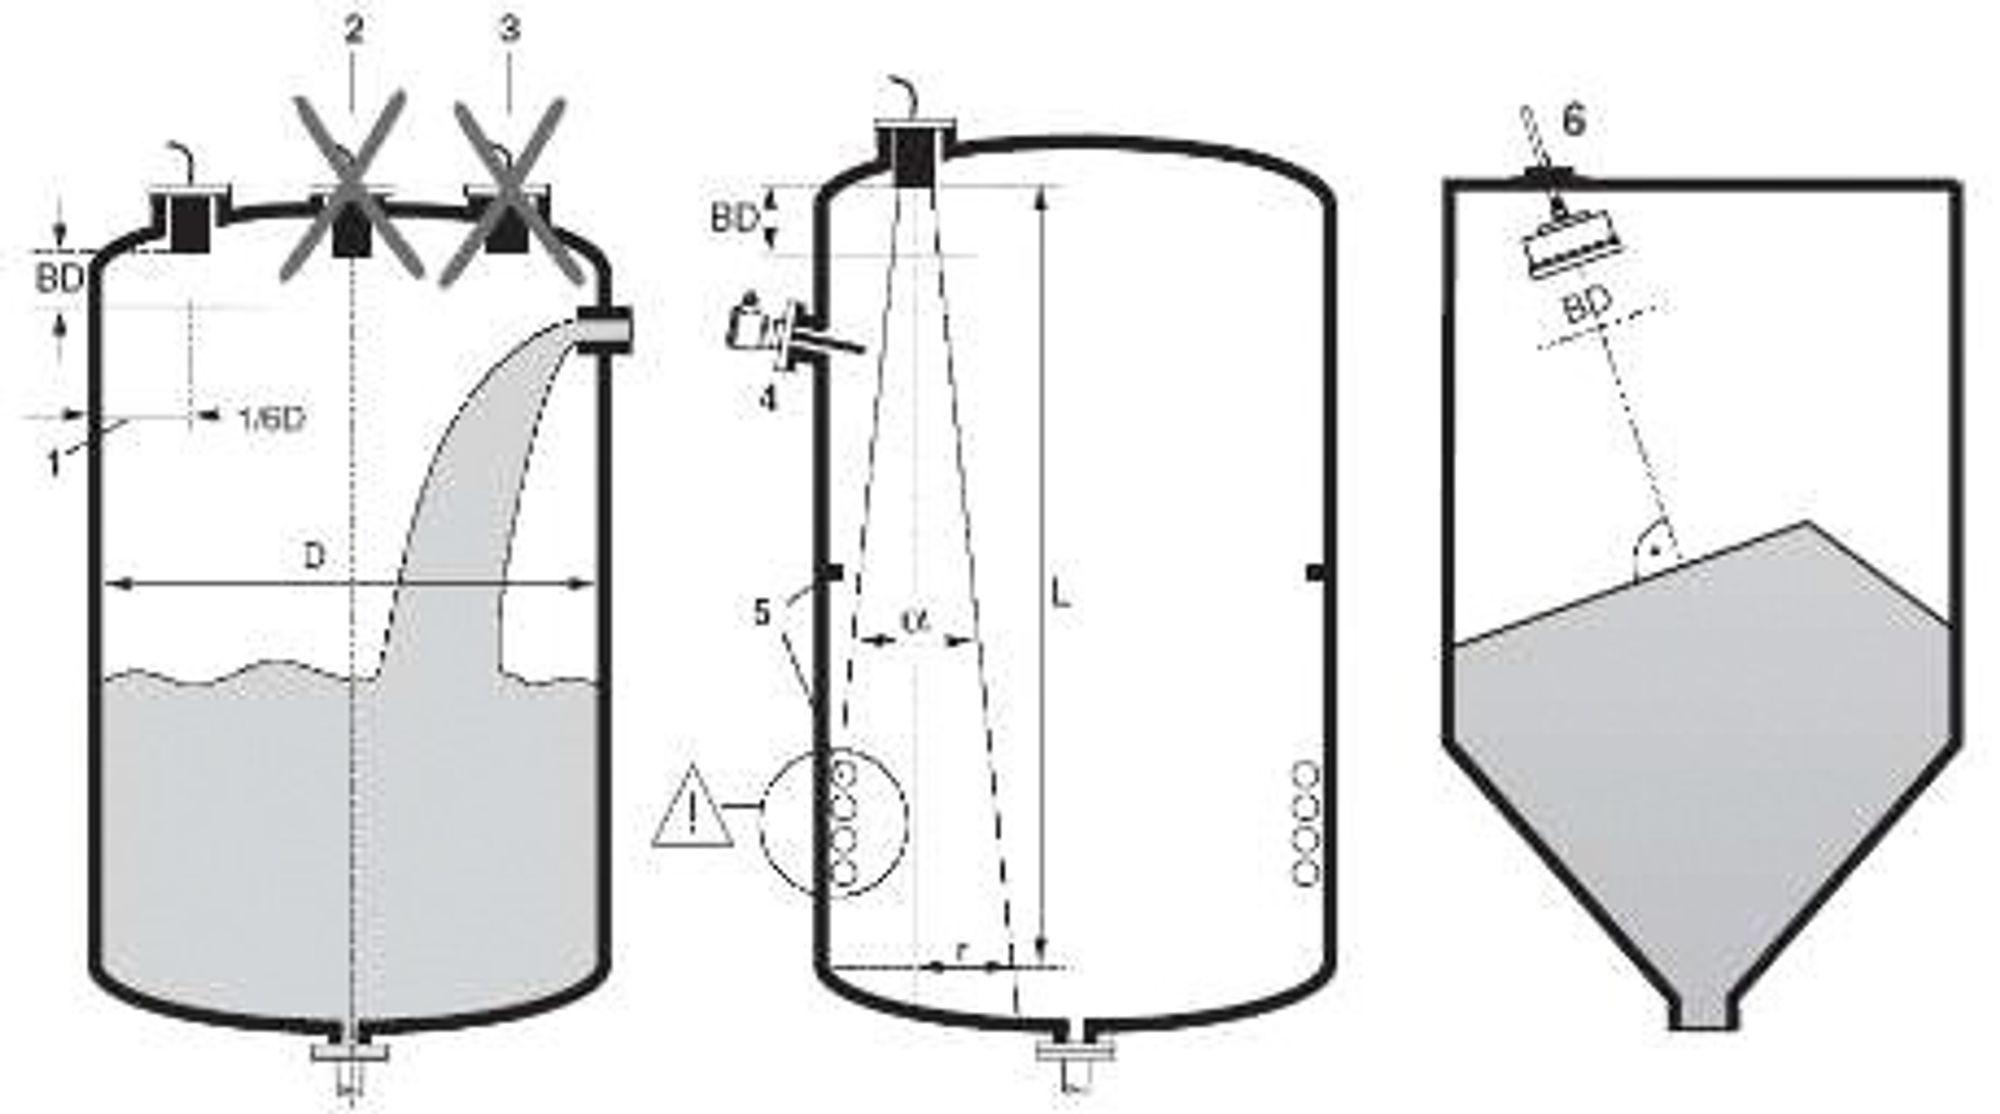 Montering av ultralydgiver i rør gjør målingen mindre påvirket av urolig overflate.